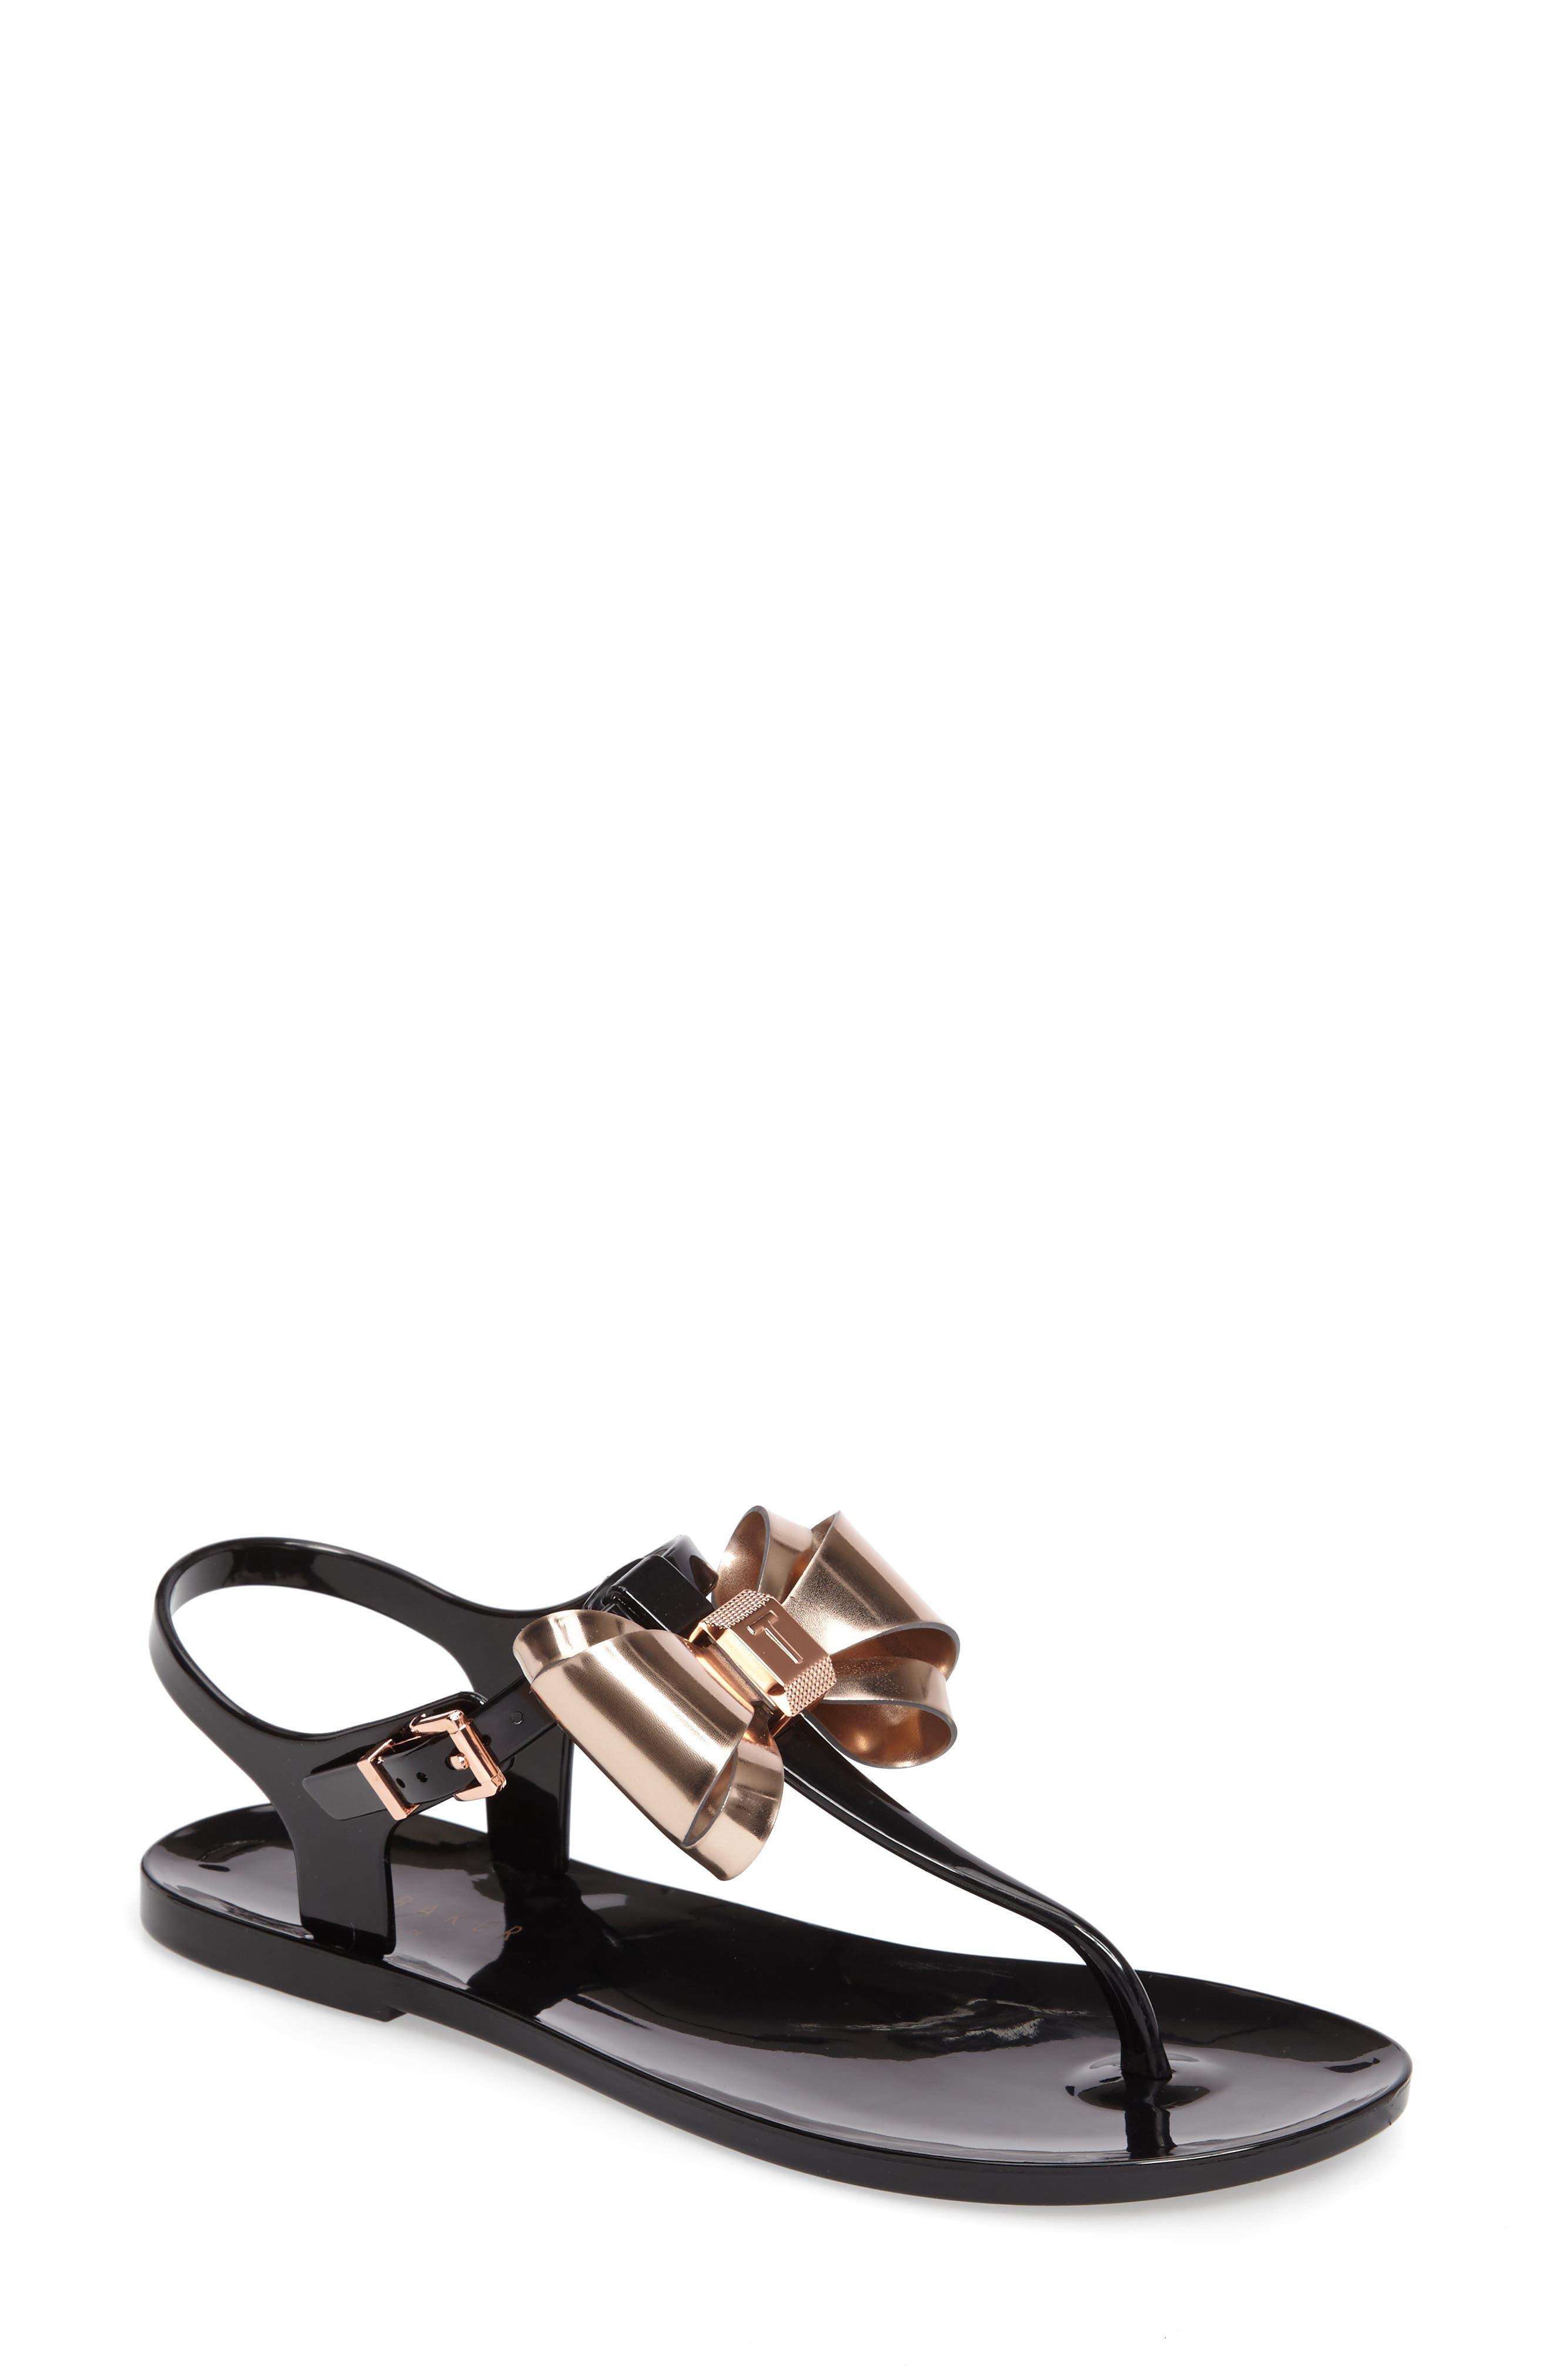 Ainda Slingback Bow Sandal,                             Main thumbnail 1, color,                             Black/ Rose Gold